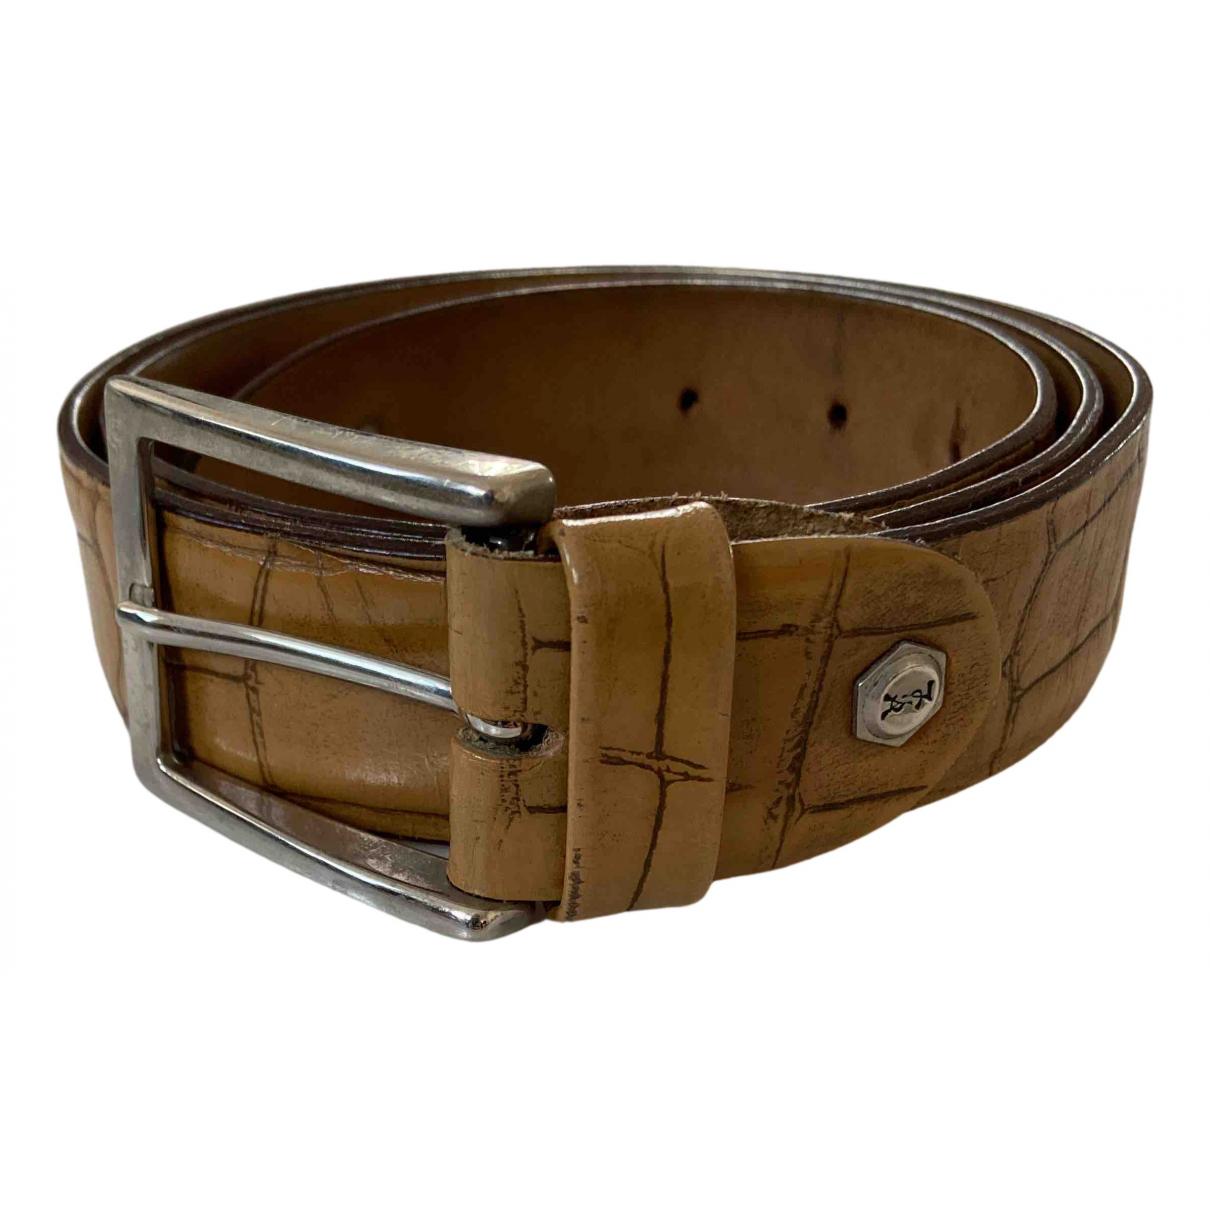 Yves Saint Laurent N Beige Leather belt for Women 95 cm